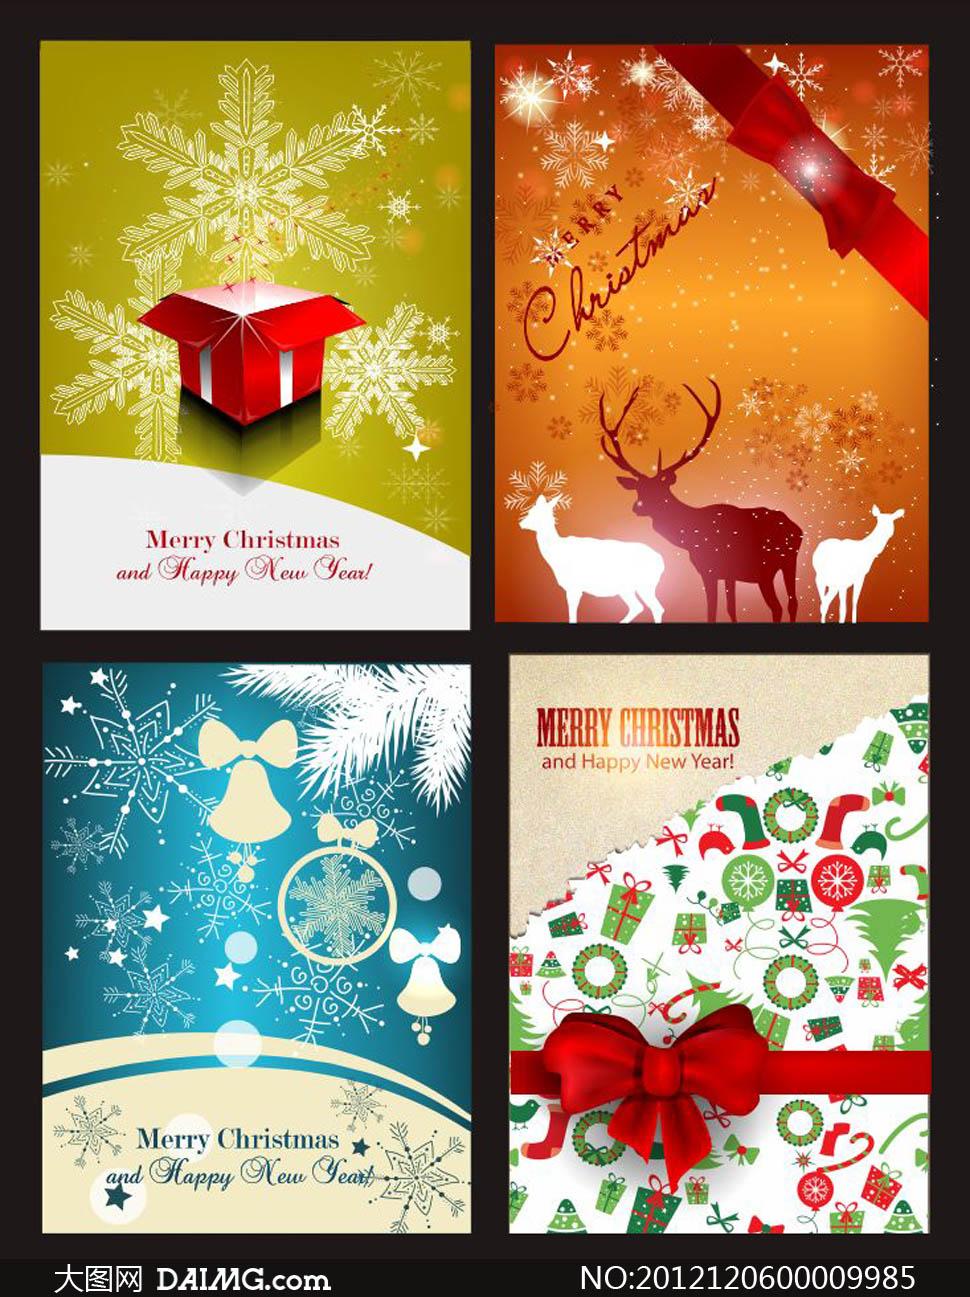 圣诞节时尚海报背景矢量素材